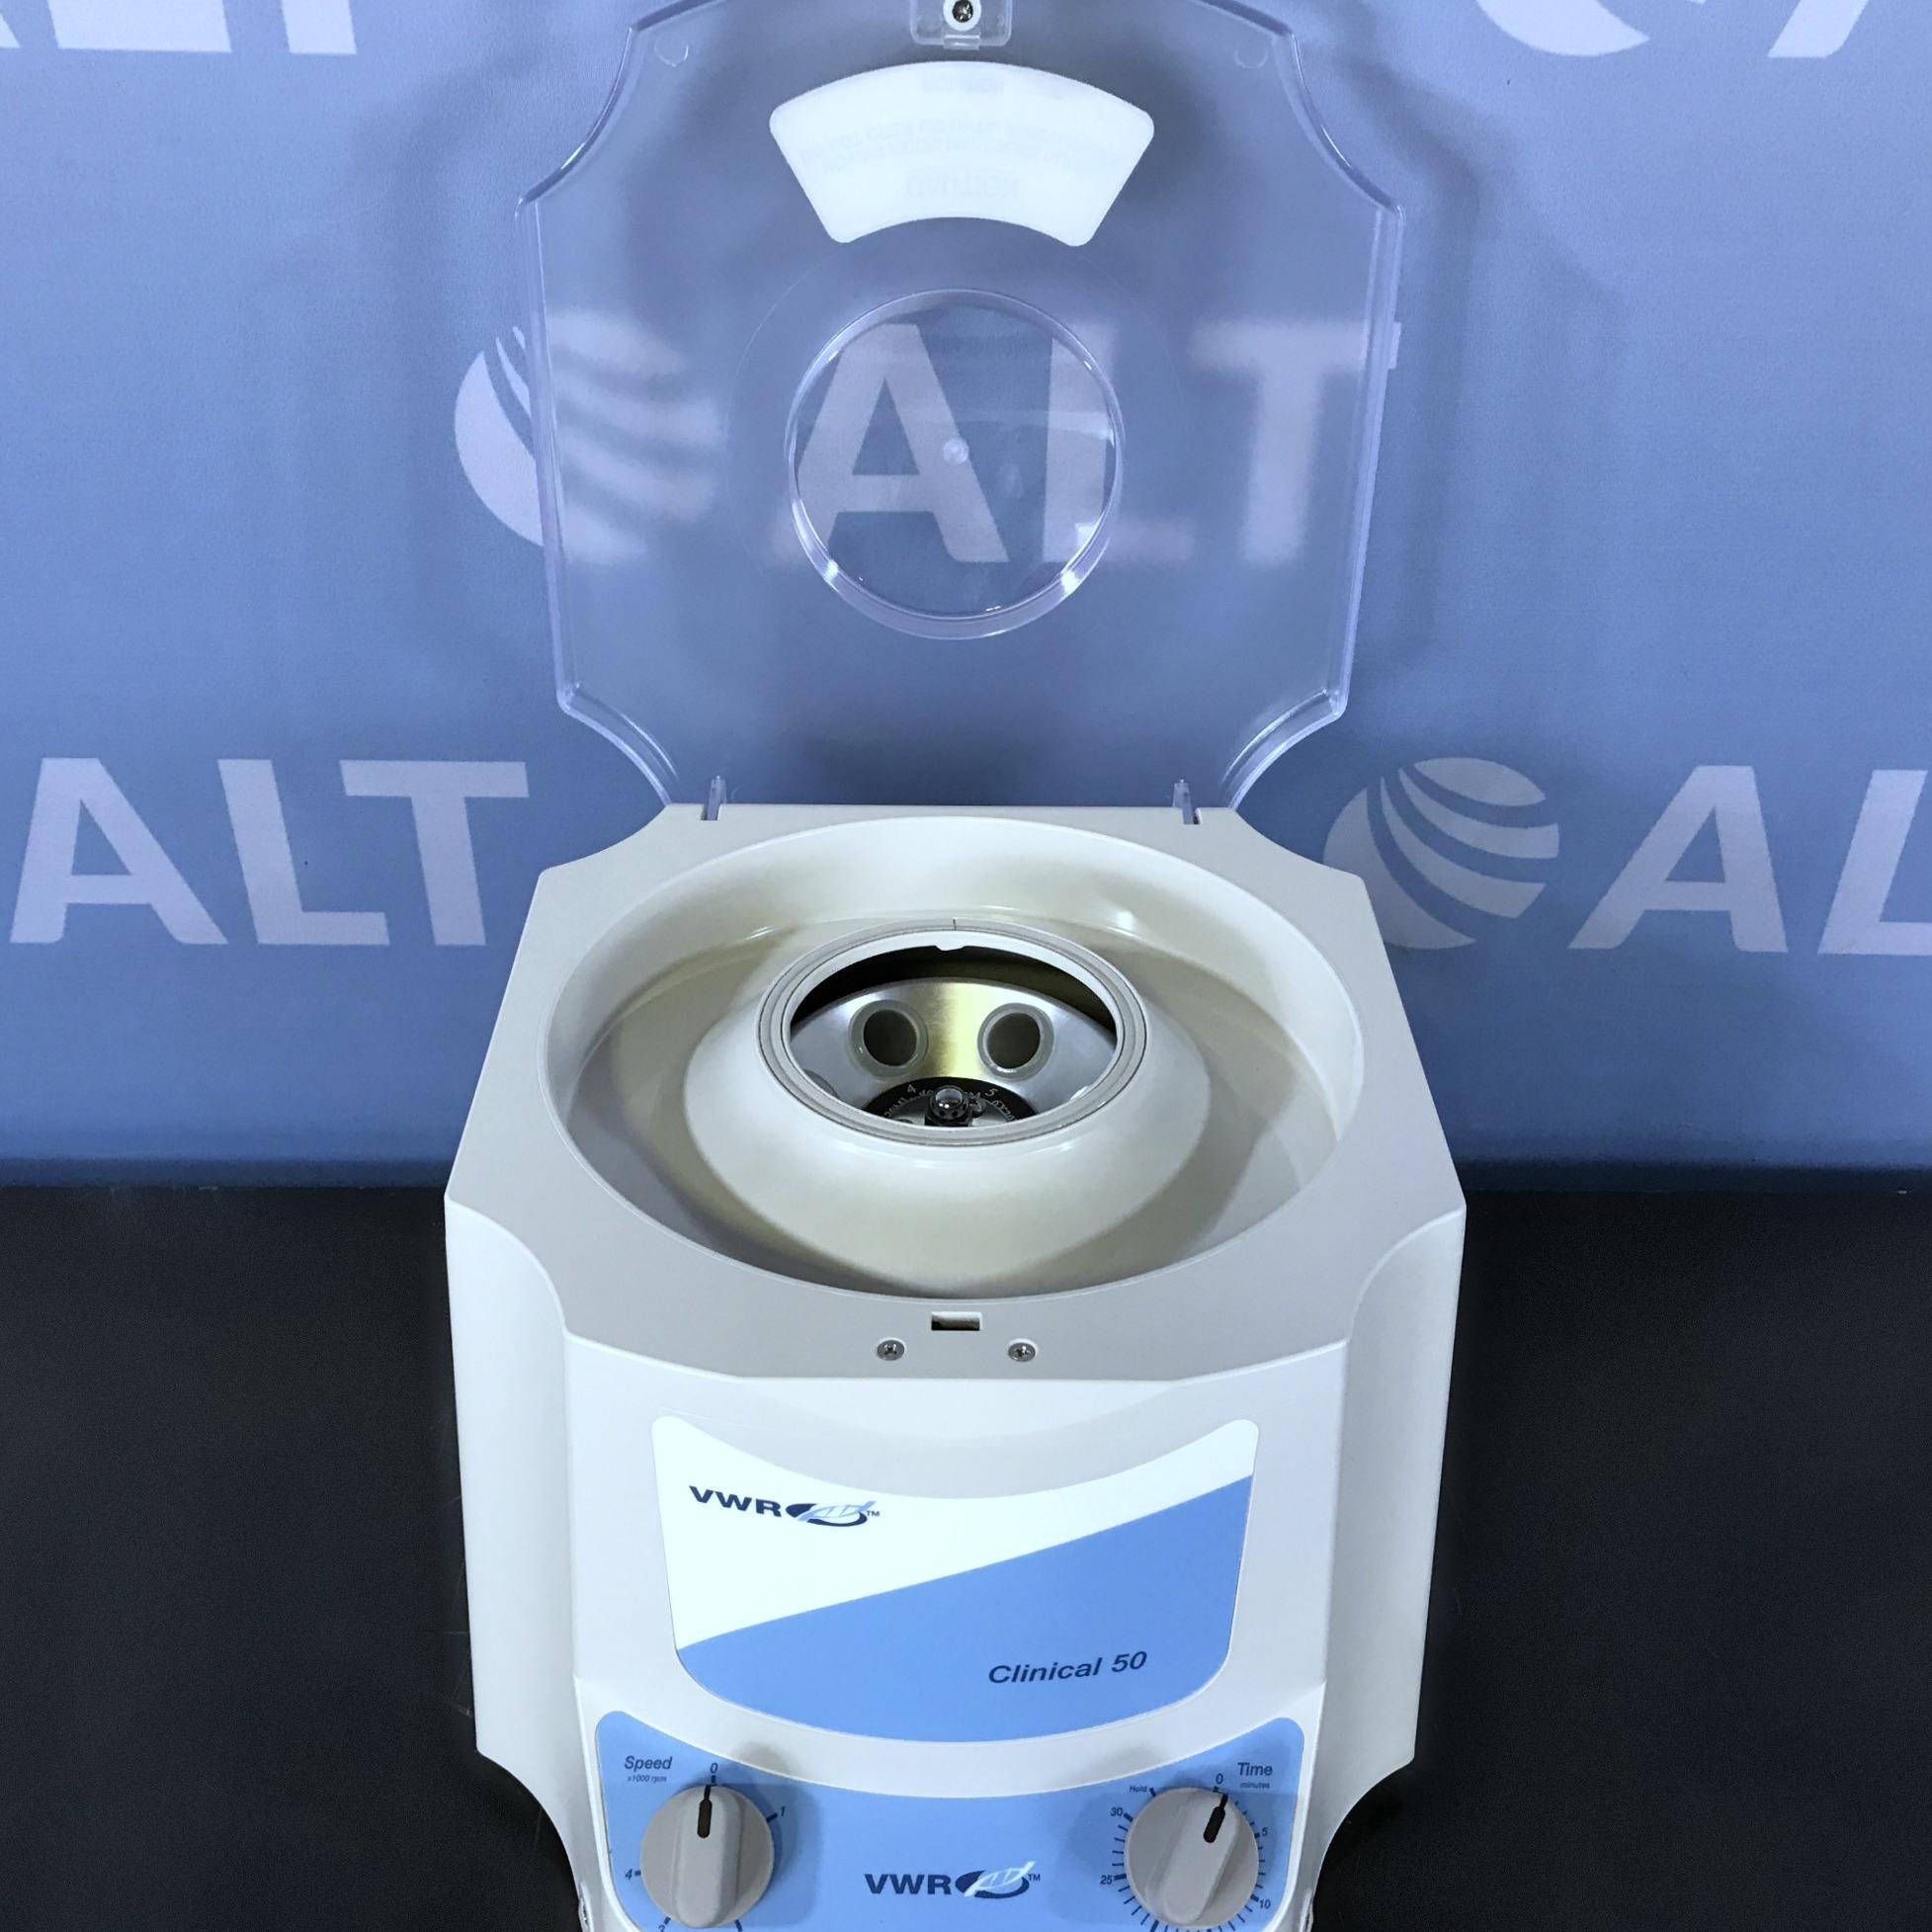 VWR Clinical 50 Centrifuge Image